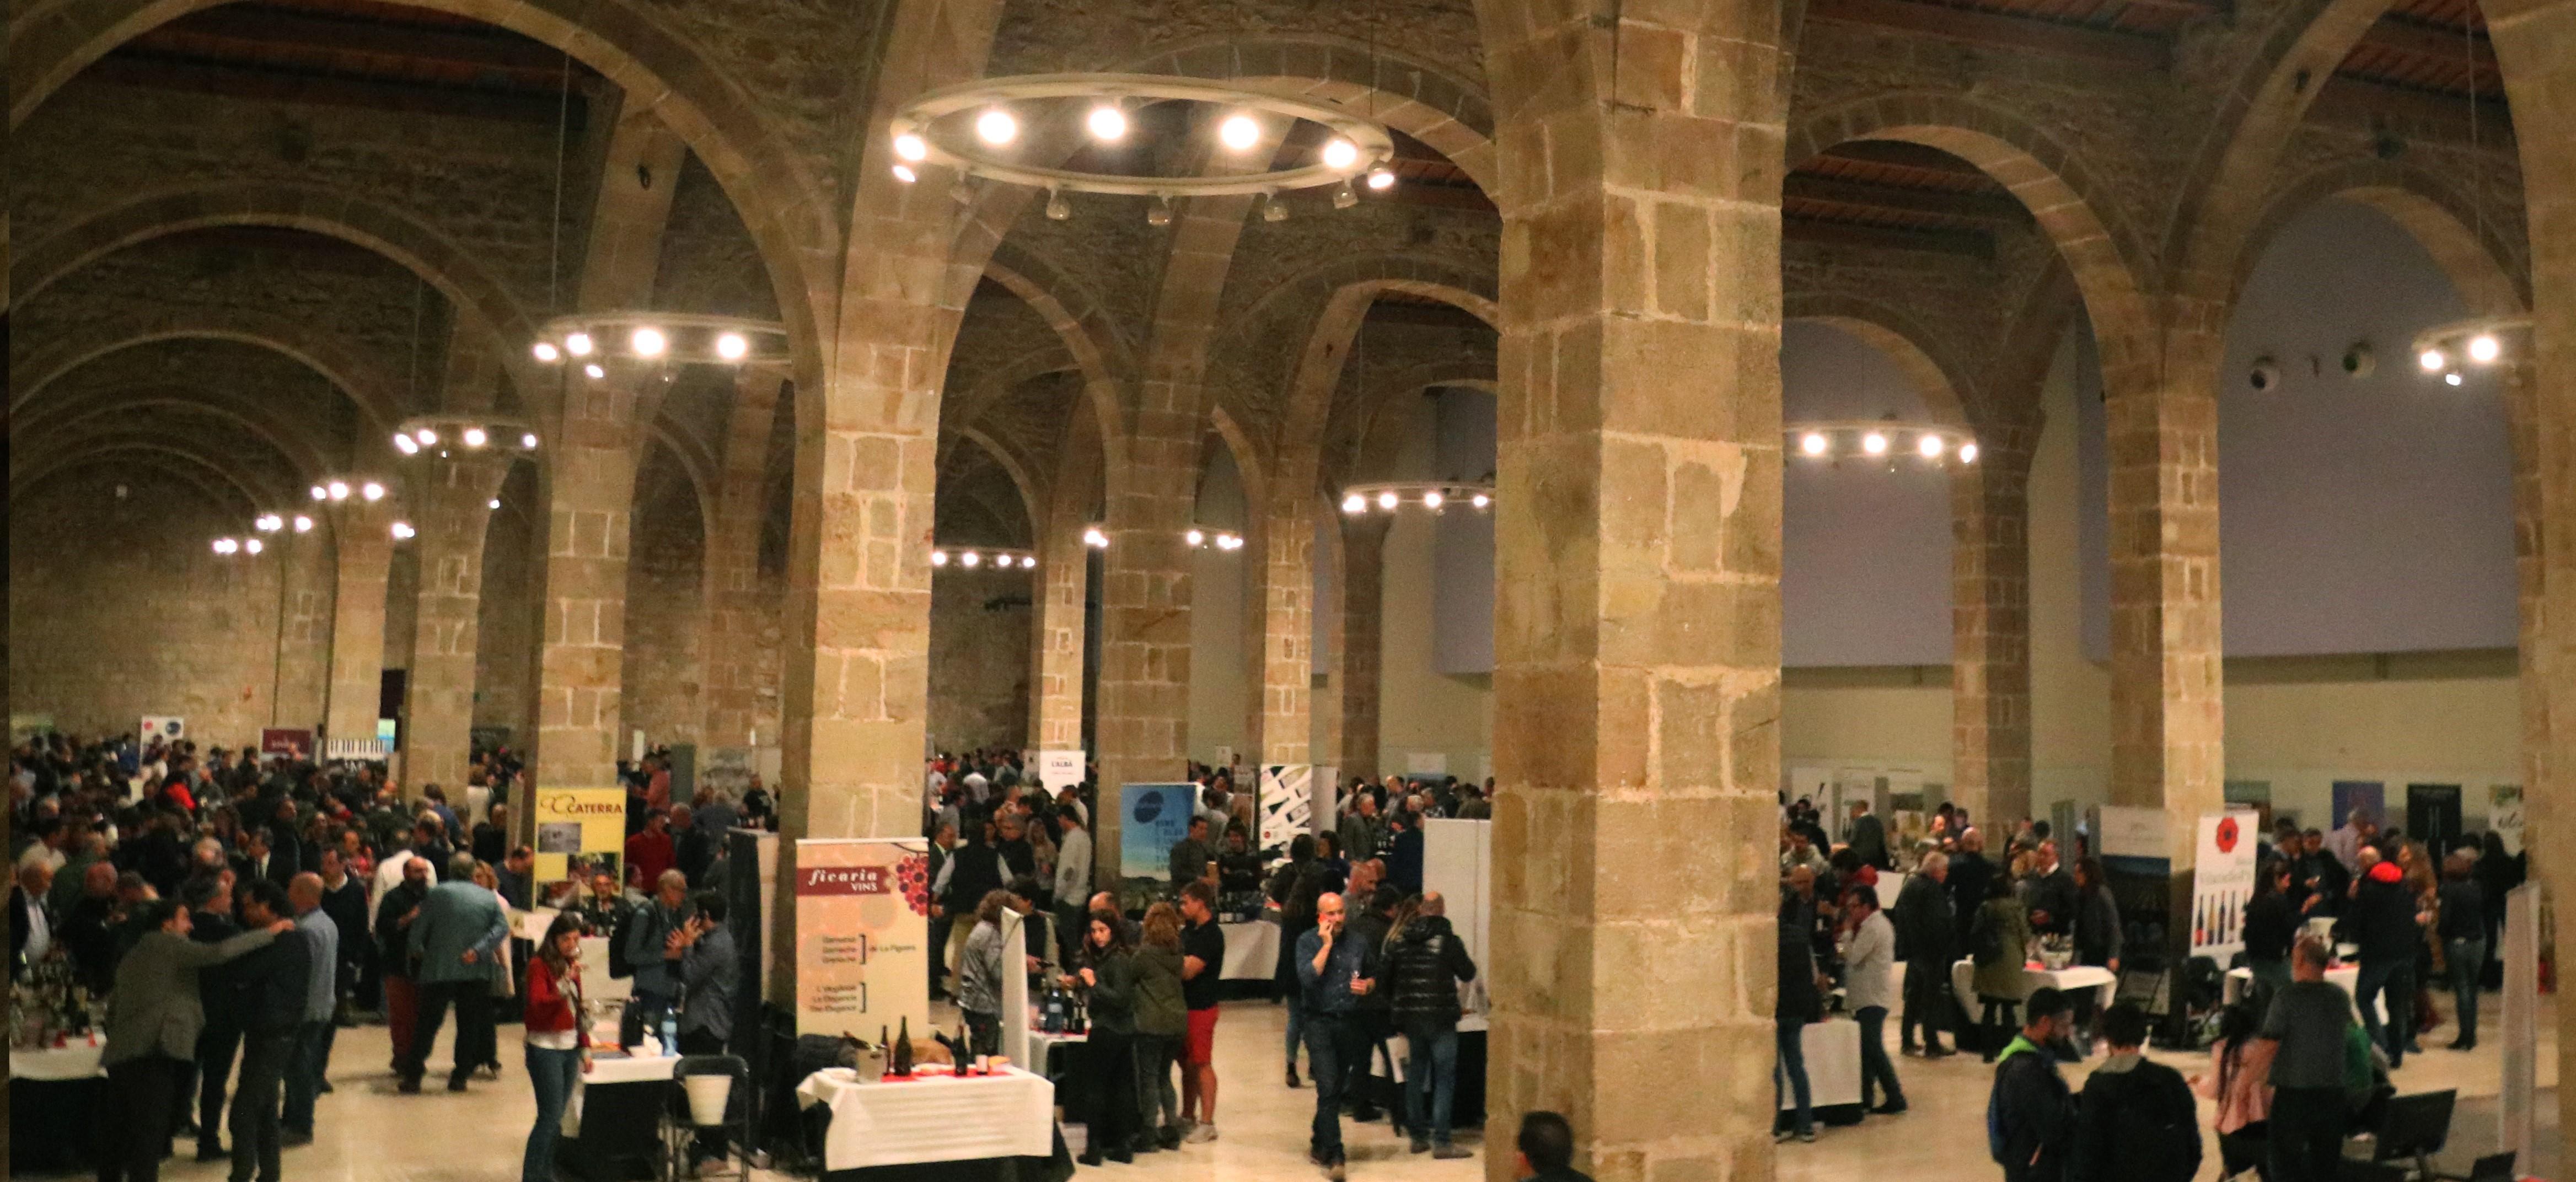 La Fiesta de la 12ª Guia de Vins de Catalunya contará con los mejores vinos del año